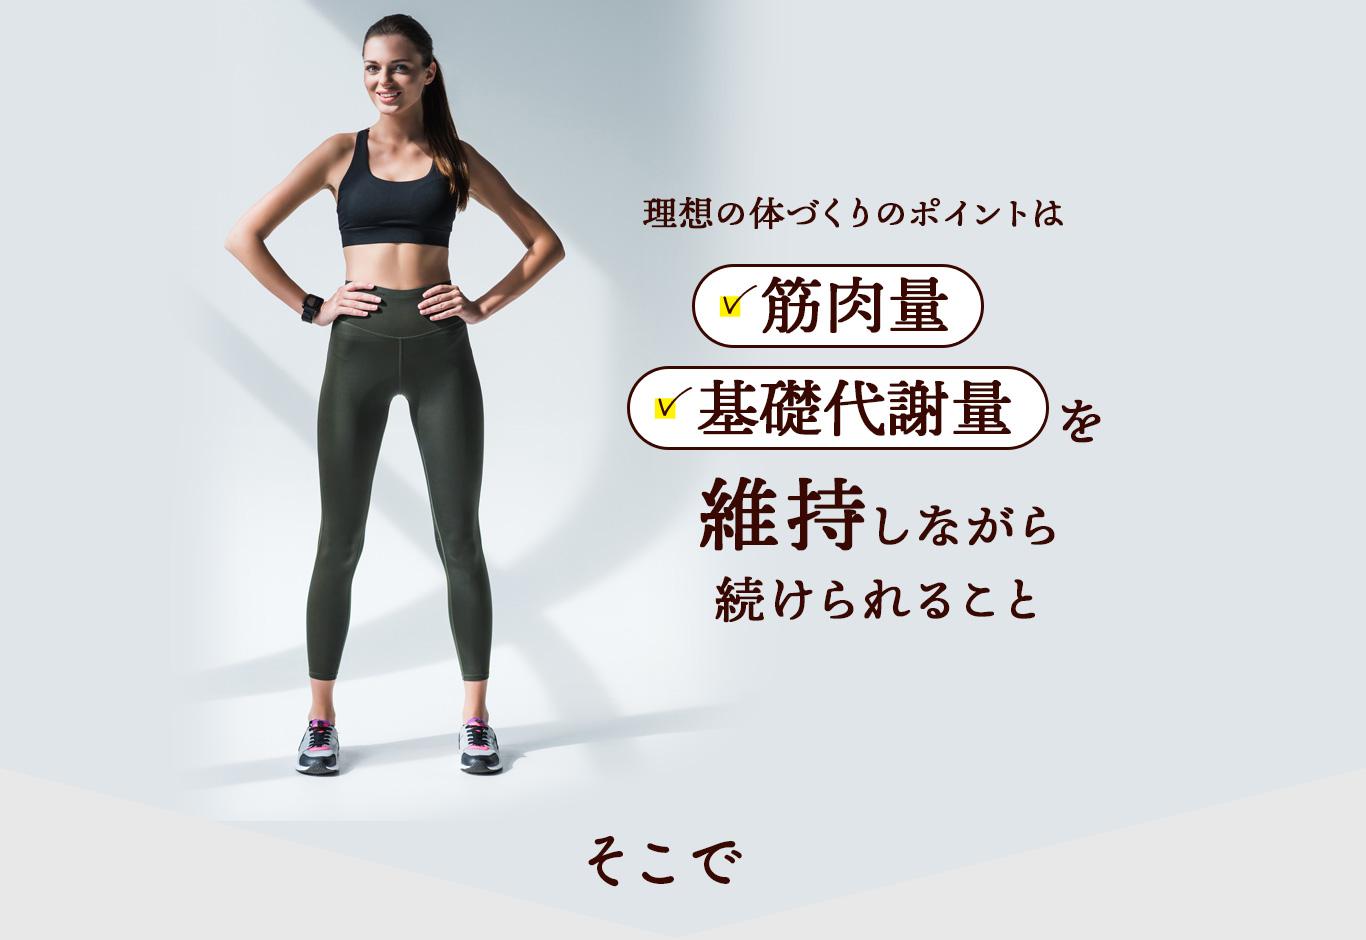 Caffetein 理想の体づくりのポイントは筋肉量、基礎代謝量を維持しながら続けられること